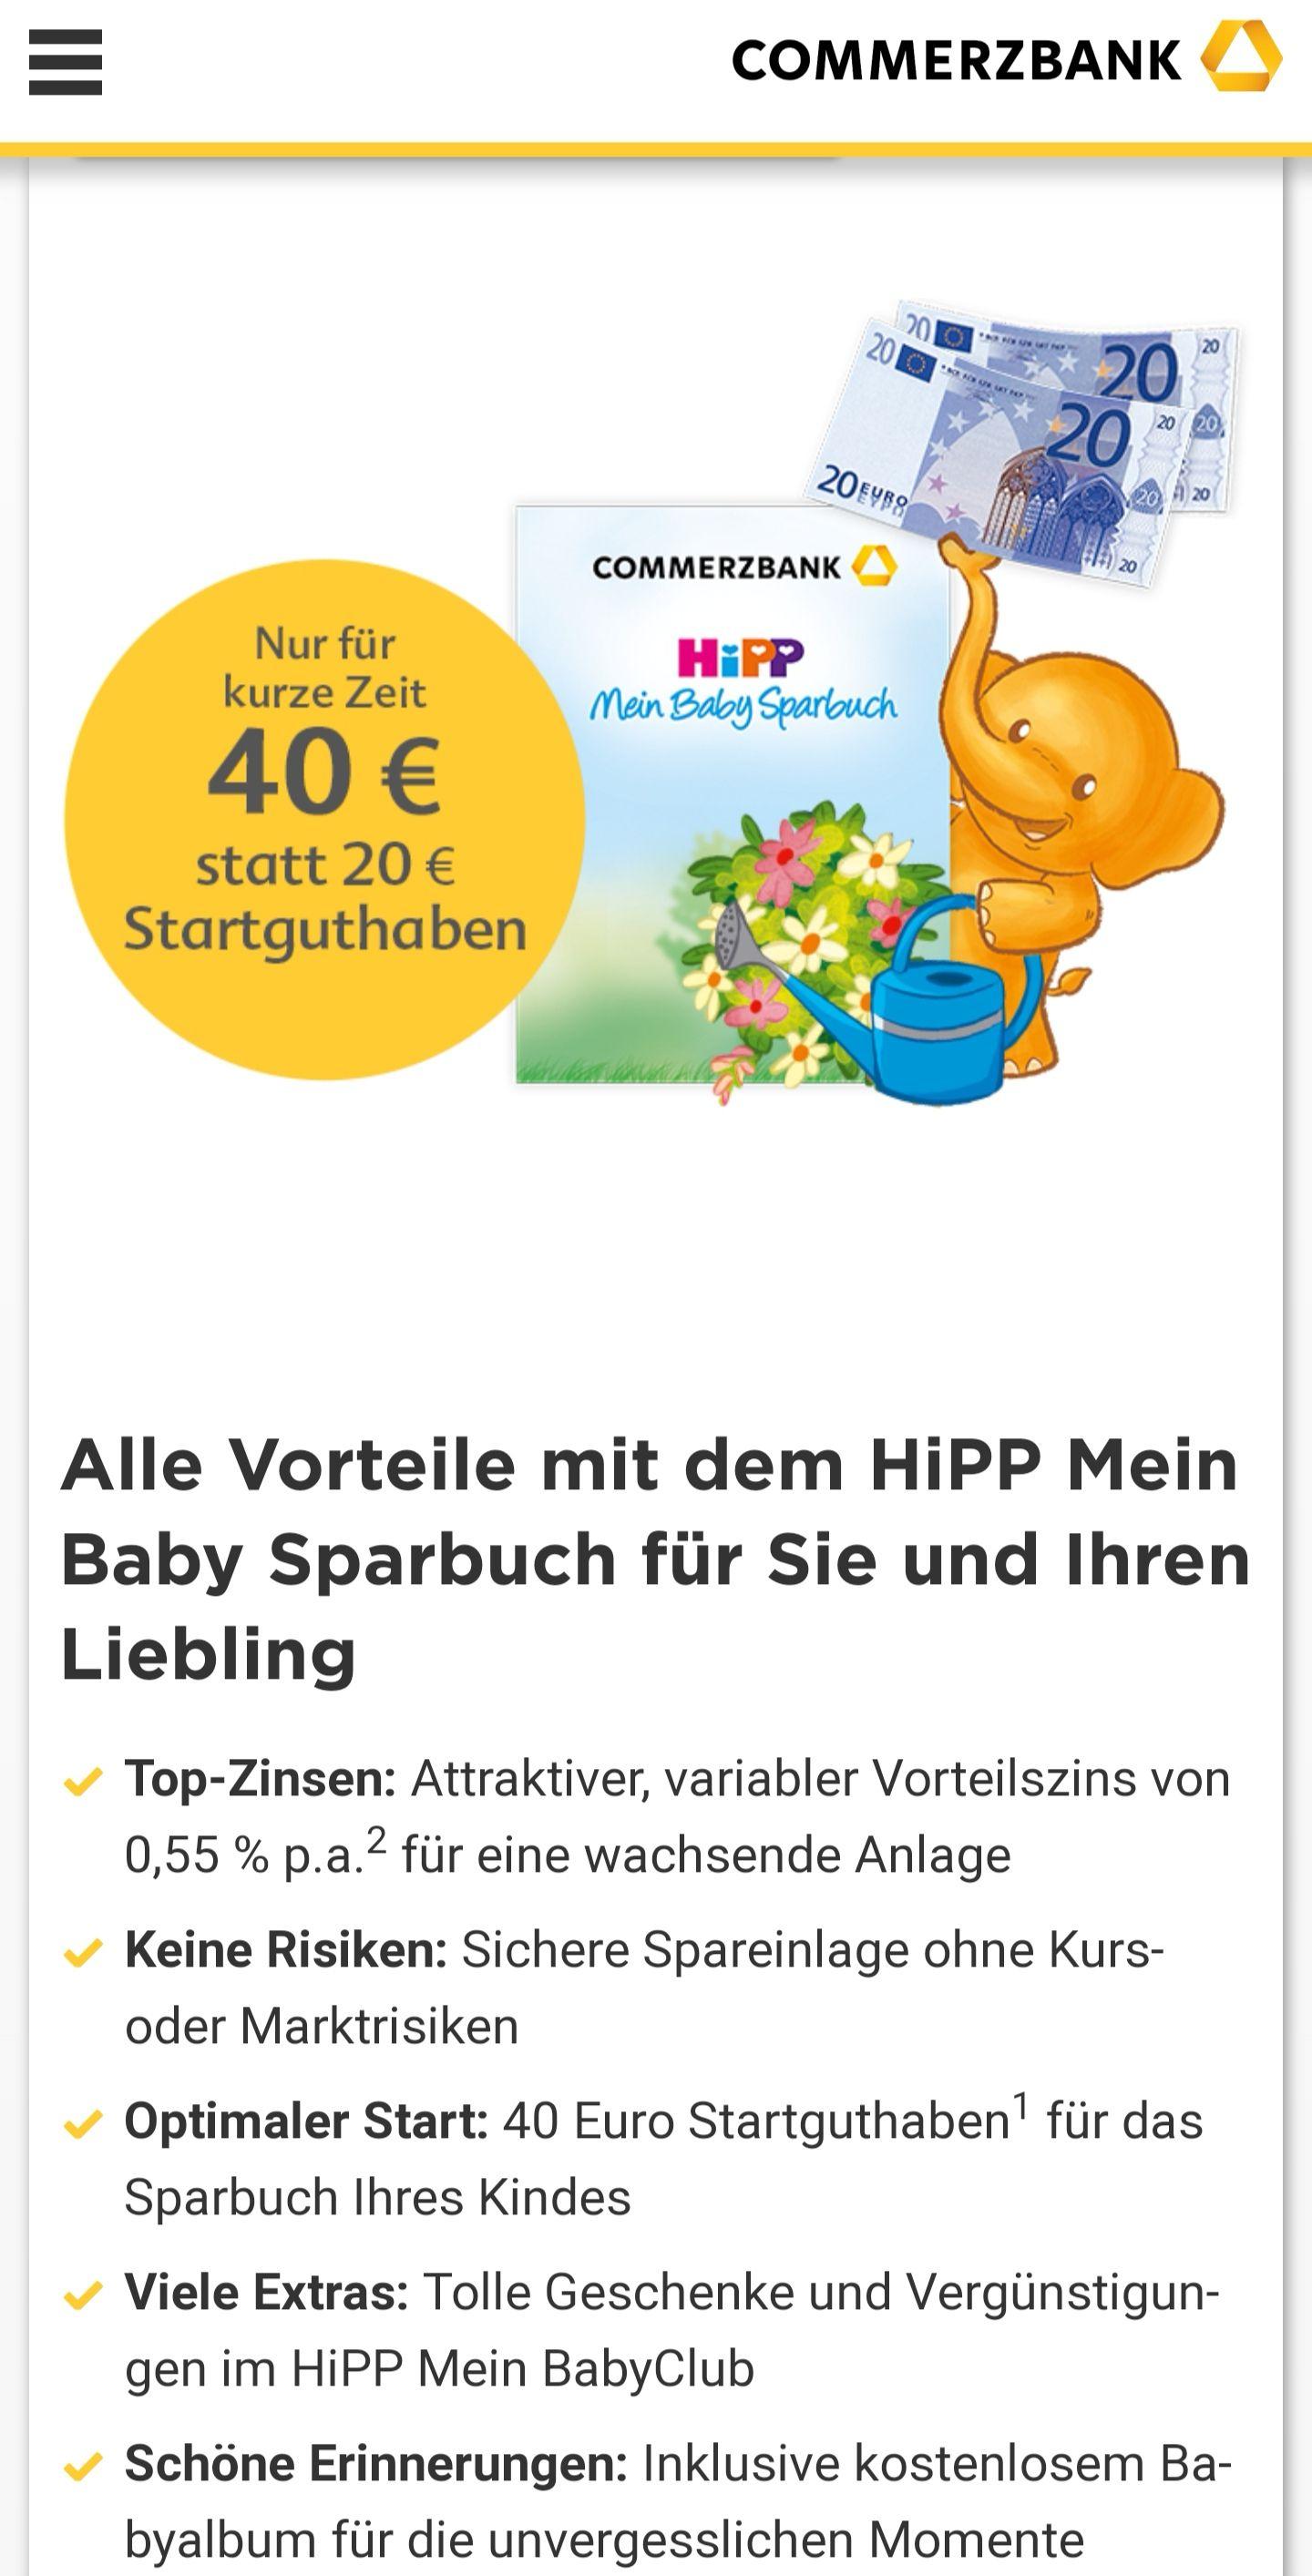 HiPP Mein BabyClubMitglied werden (kostenlos) und 40 Euro Startguthaben sichern